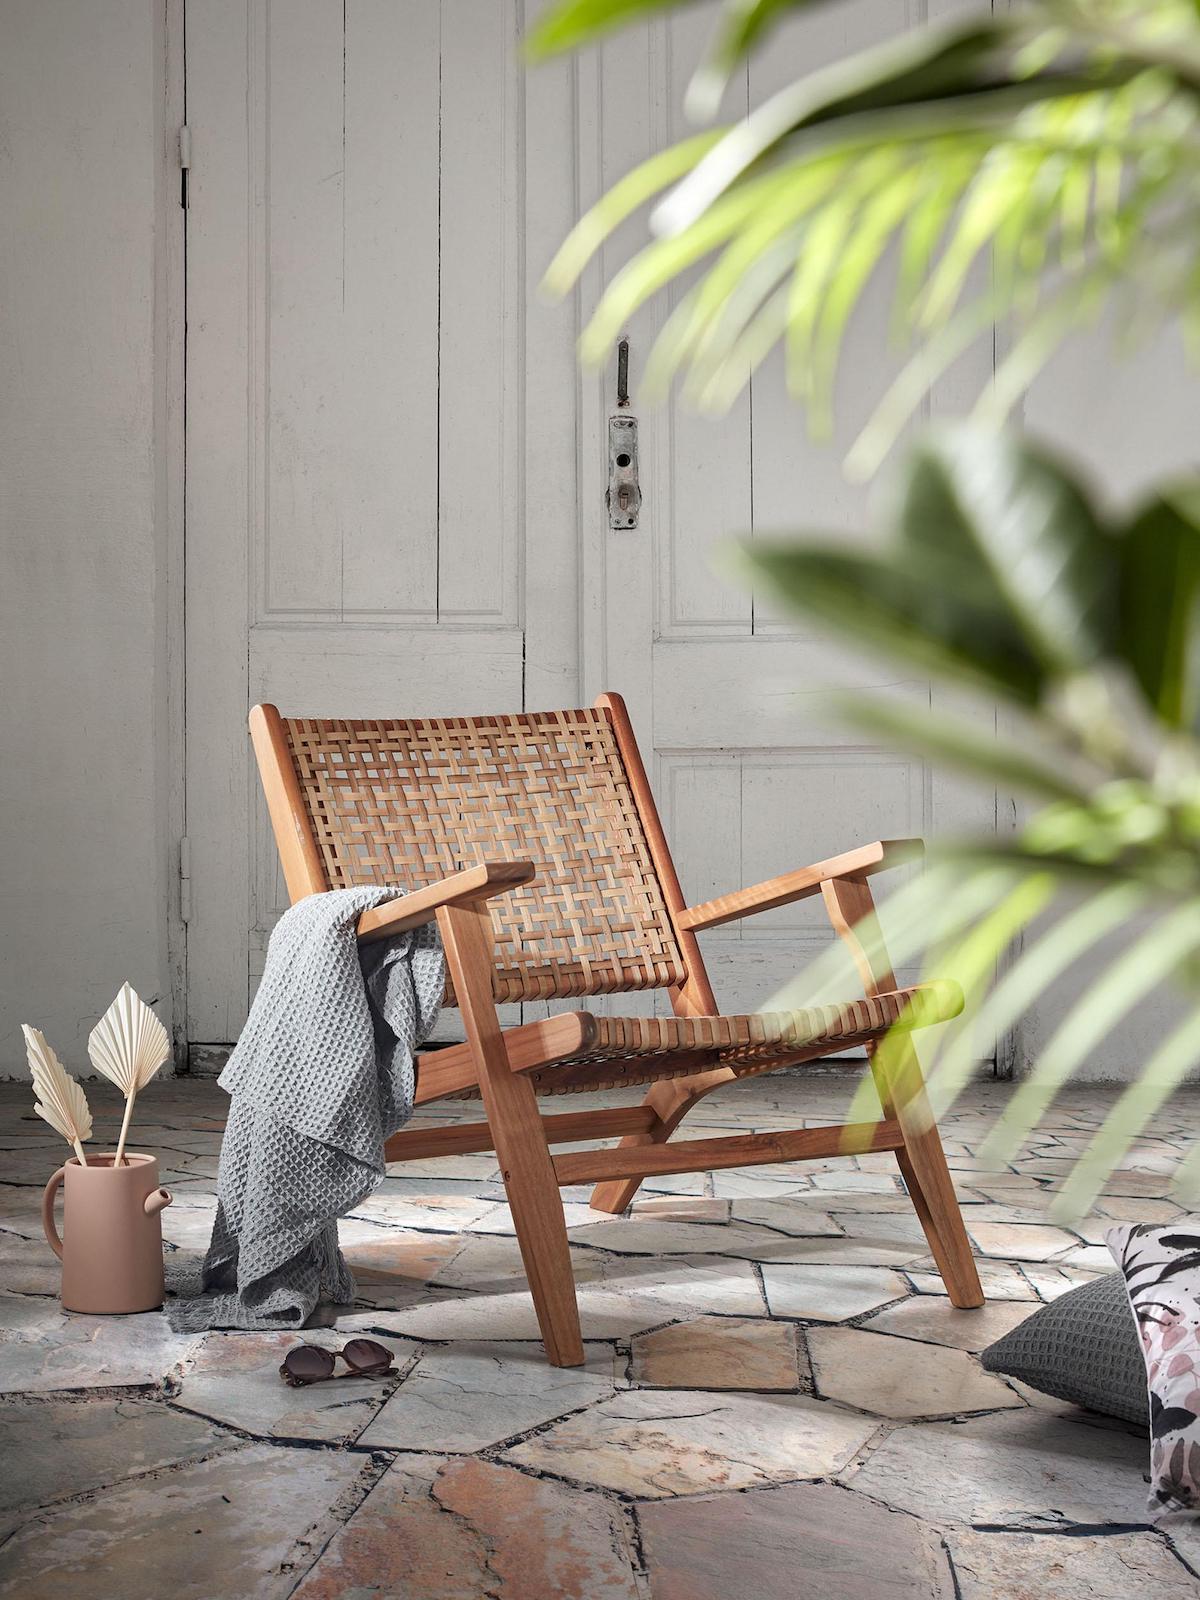 fauteuil cannage bois plante verte plaid gris coussin de sol